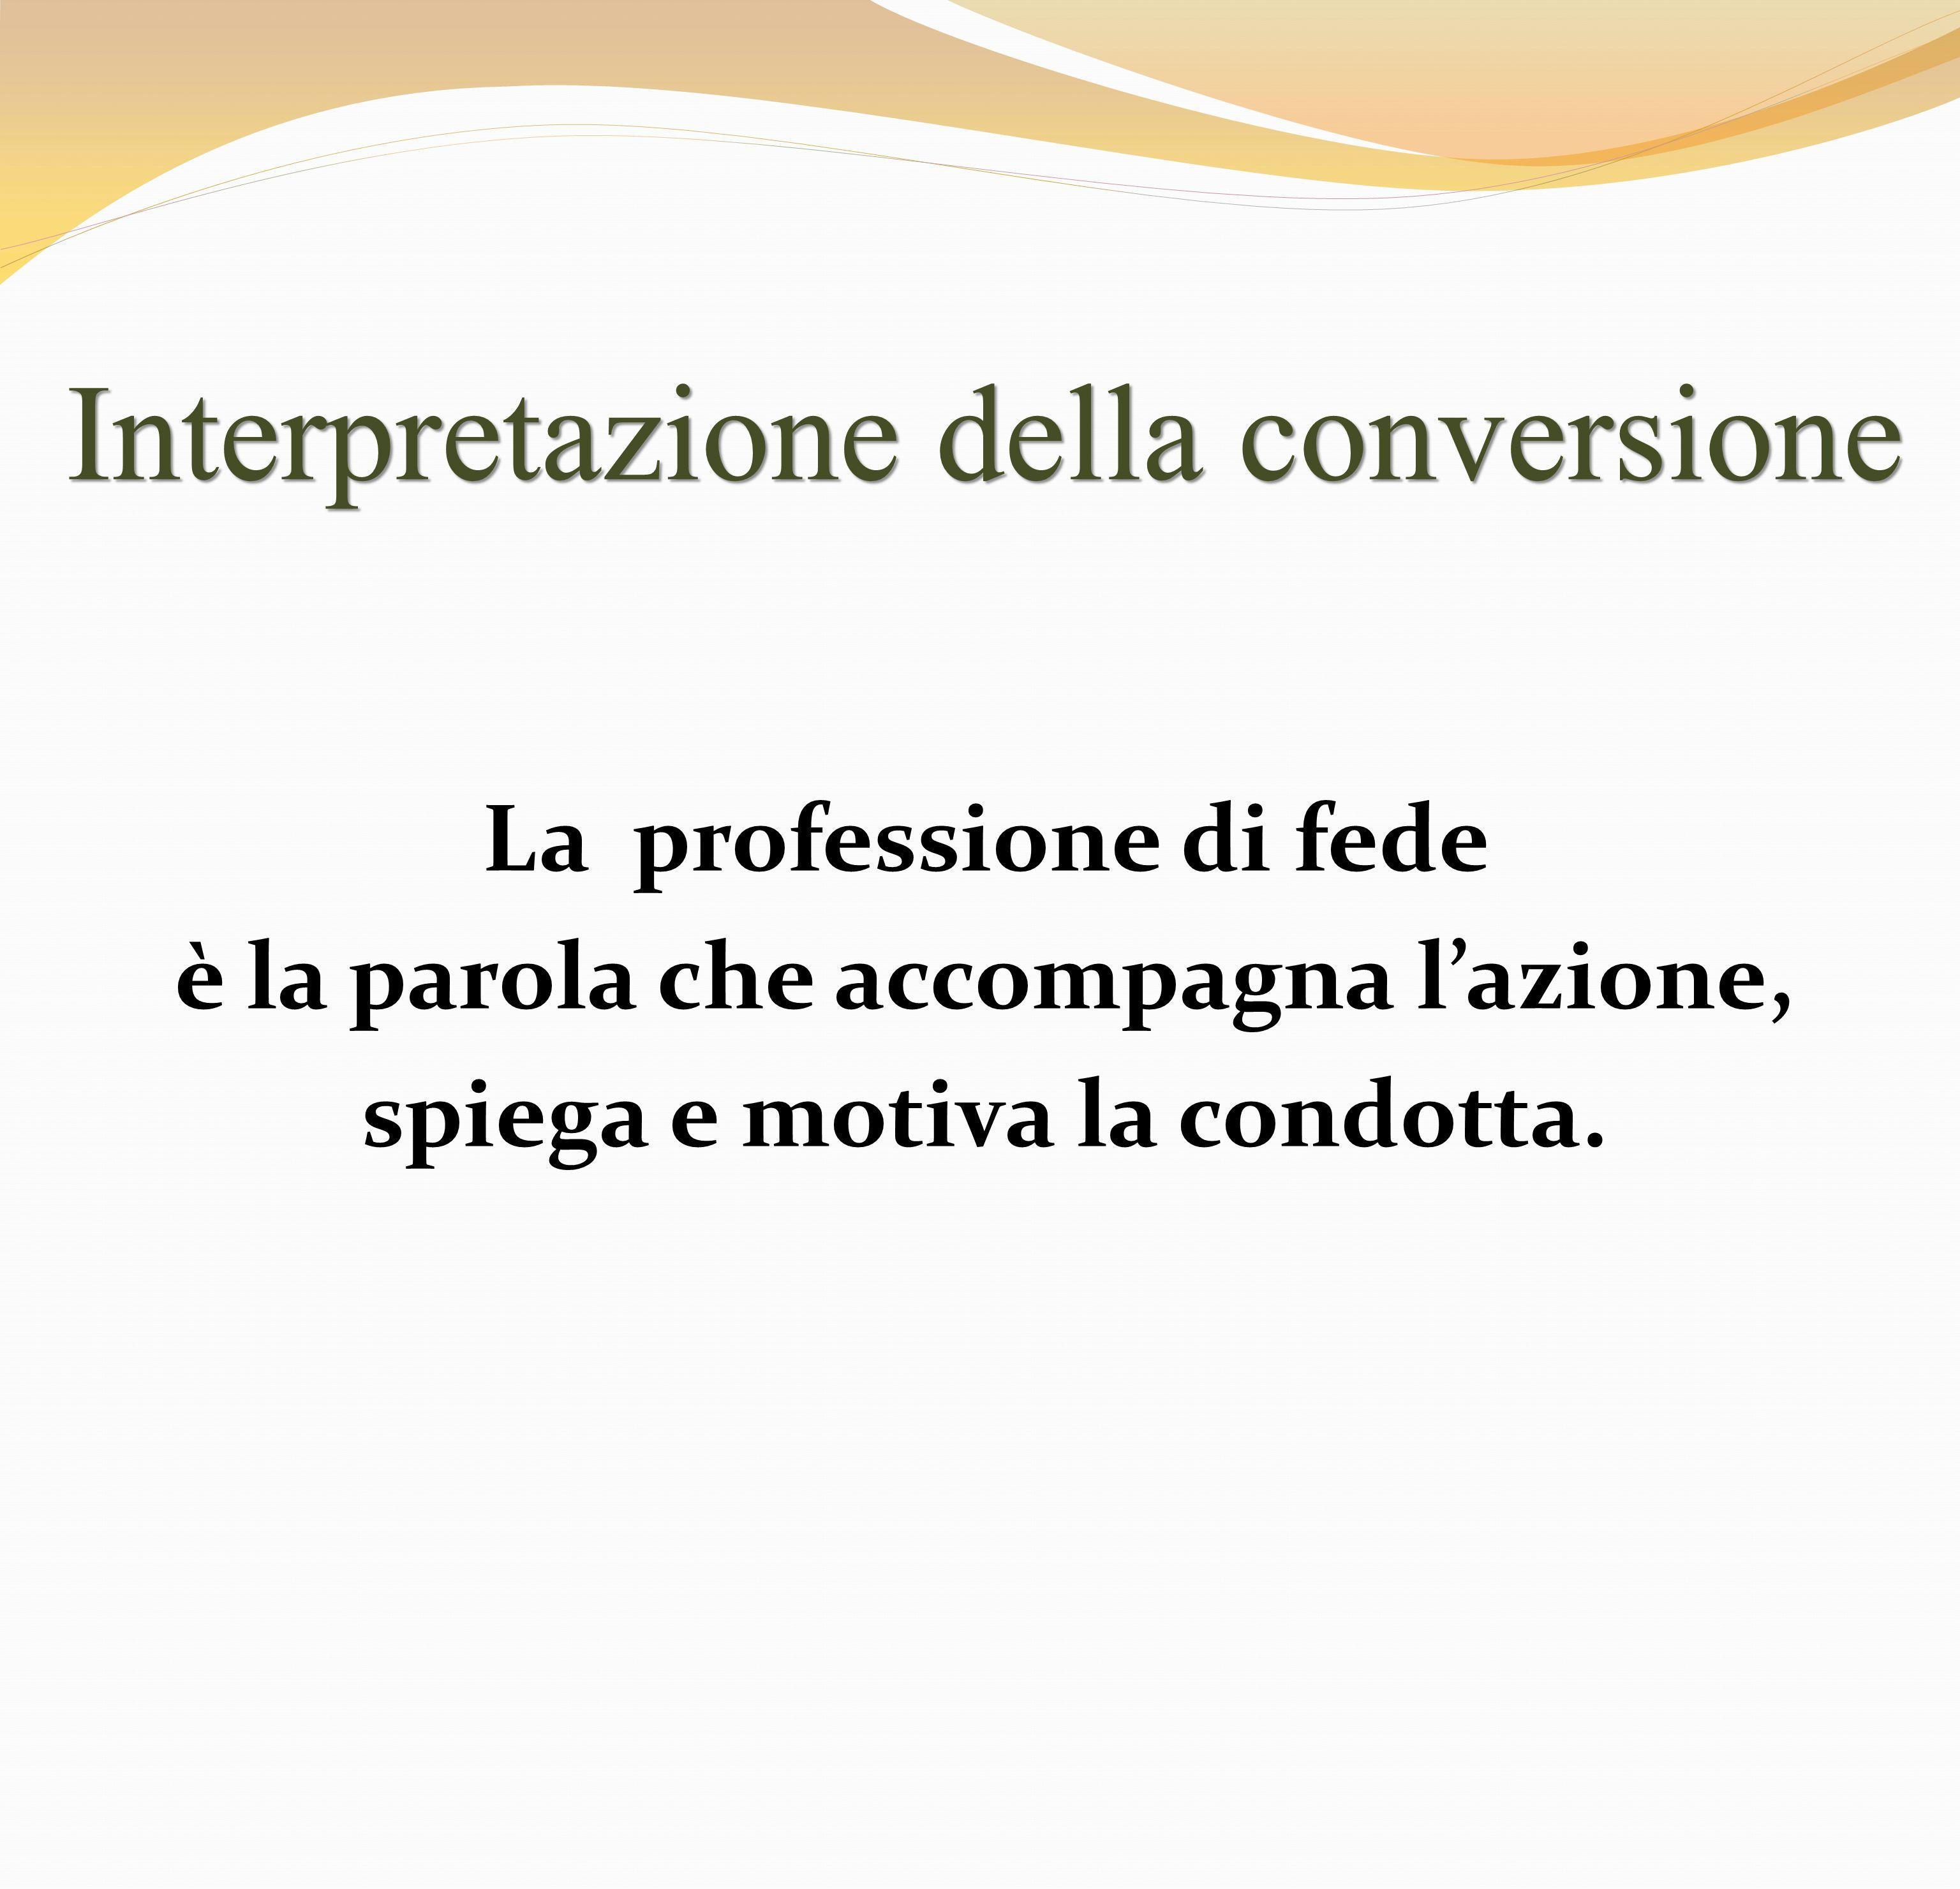 Interpretazione della conversione La professione di fede è la parola che accompagna lazione, spiega e motiva la condotta.